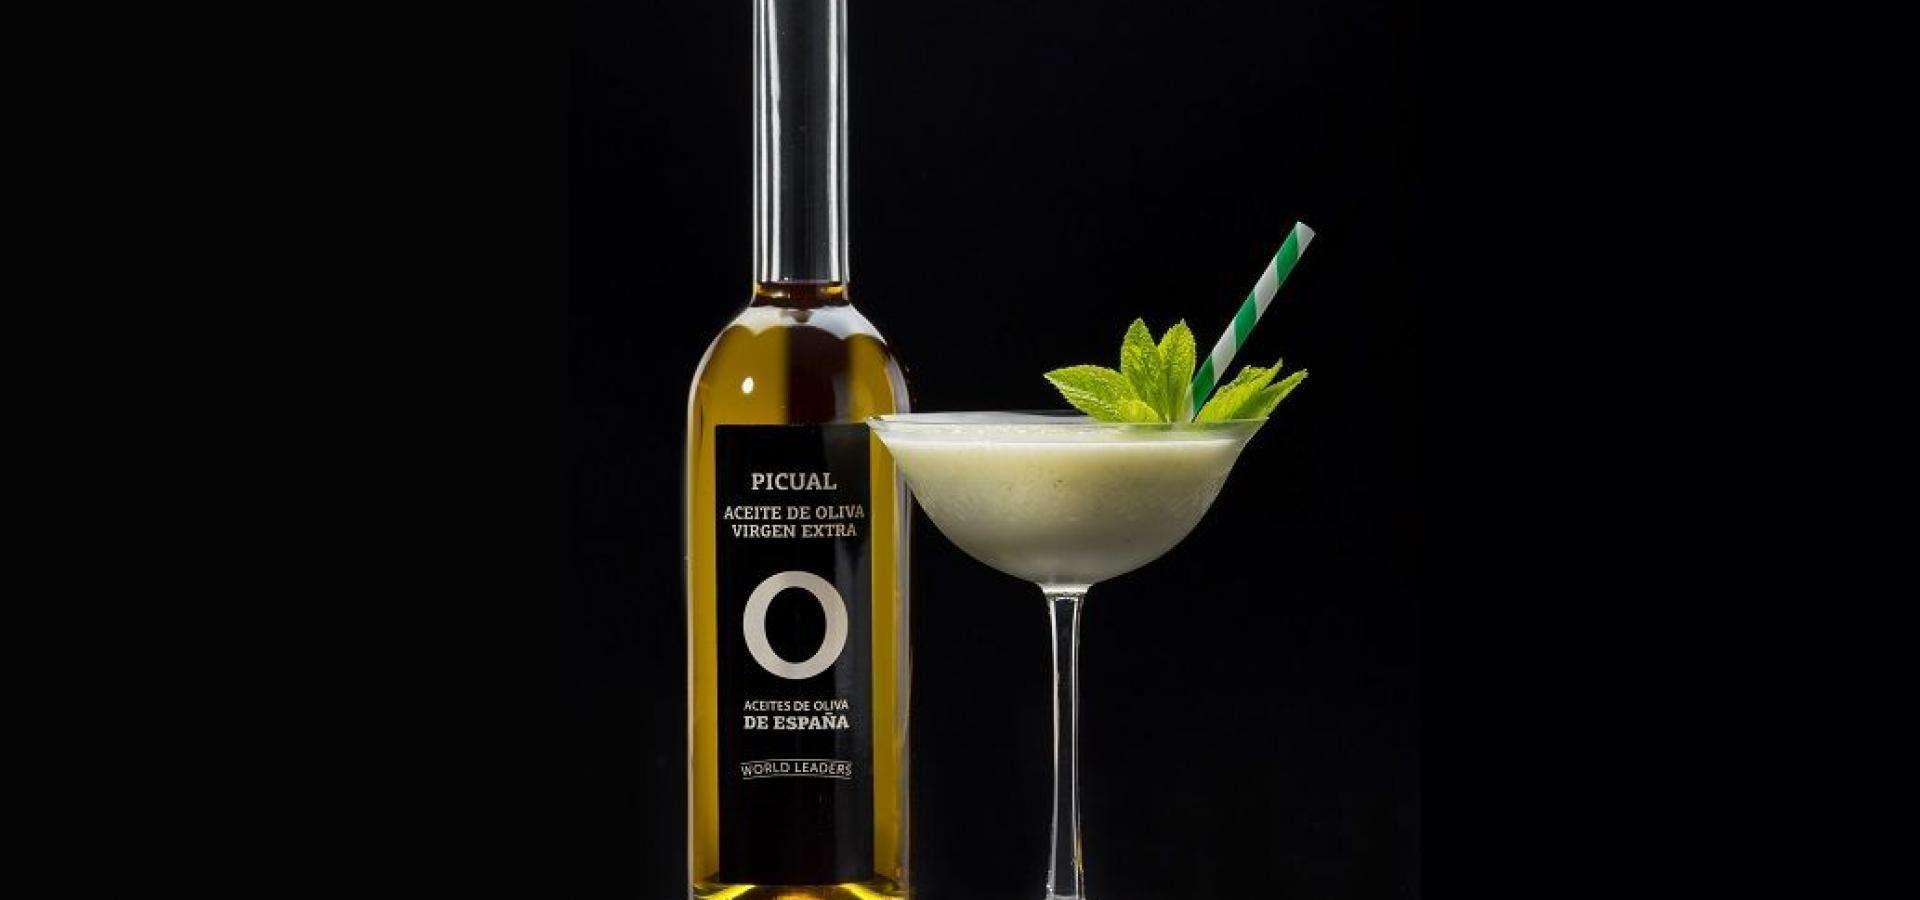 Daiquiri de aceite de oliva virgen extra de la variedad picual y plátano